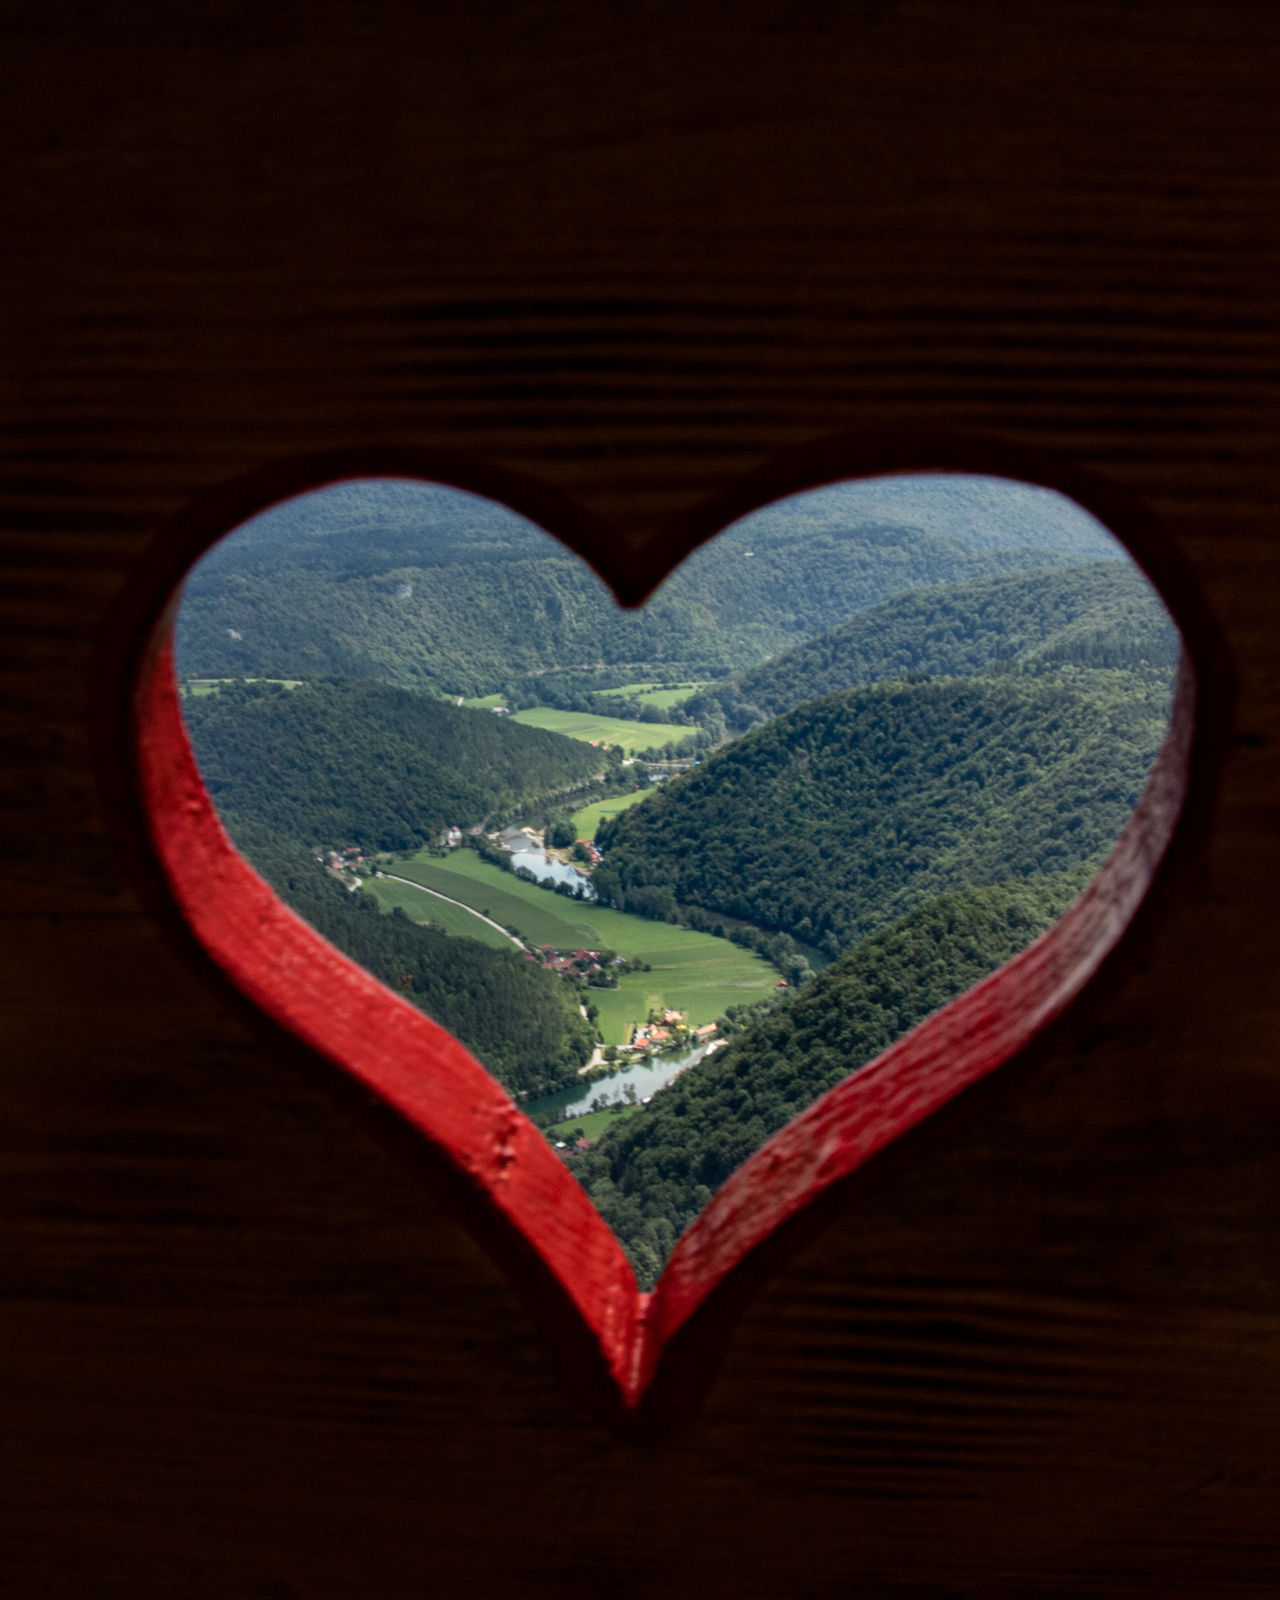 Pogled skozi klopco ljubezni na Kozicah